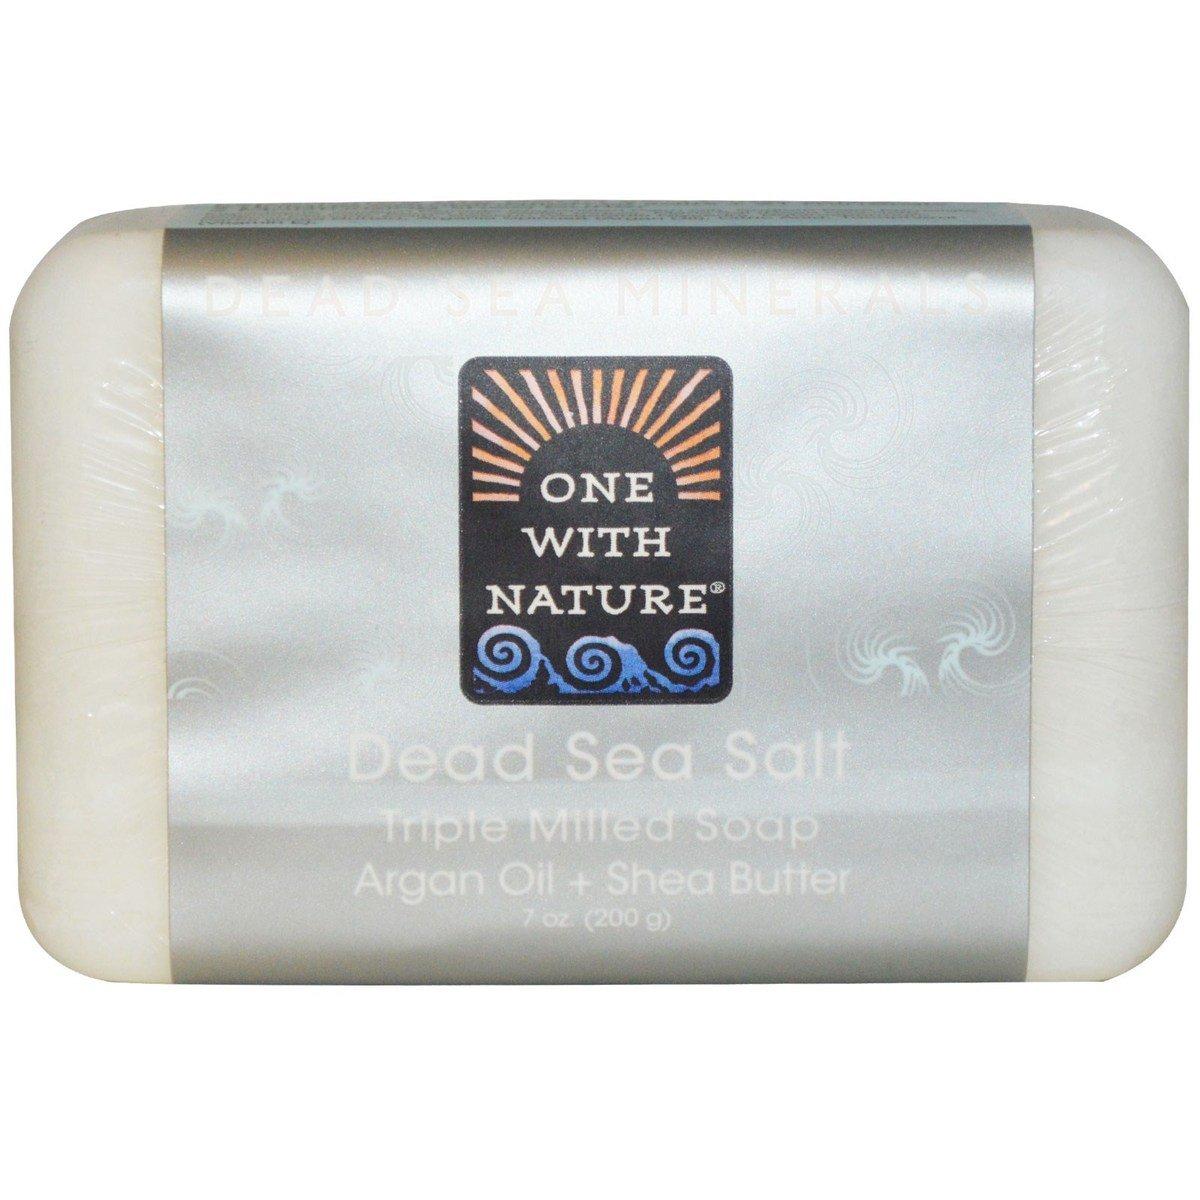 死海礦物海鹽香皂